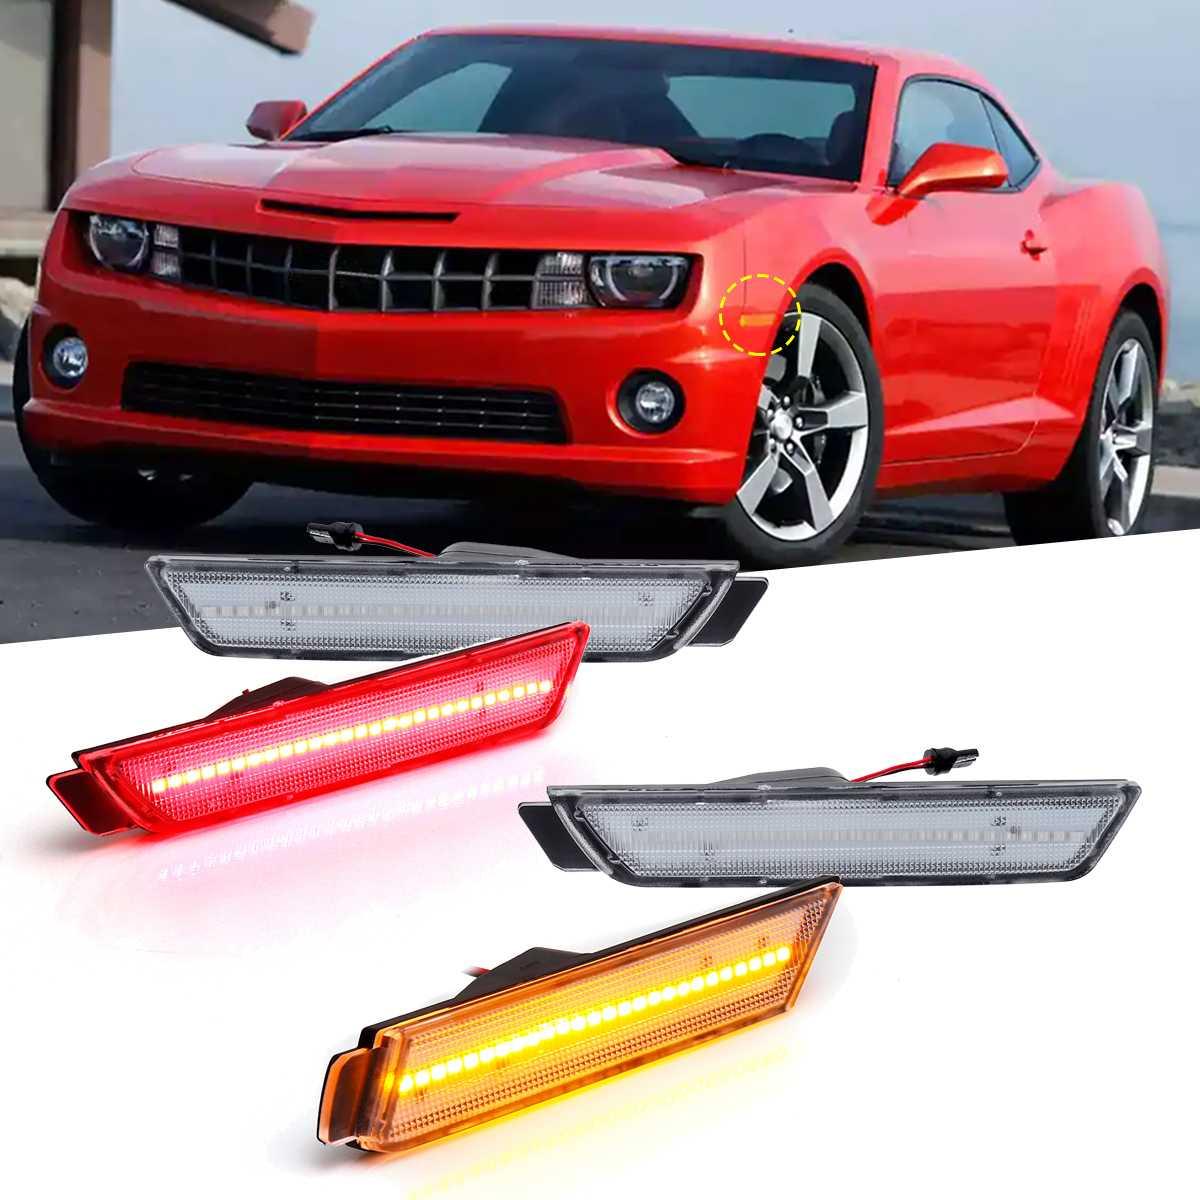 Para 2010 2011 2012 2013 2014 2015 Chevy Camaro luz delantera ámbar LED rojo bombilla de intermitente trasero marcadores laterales luces lente limpia